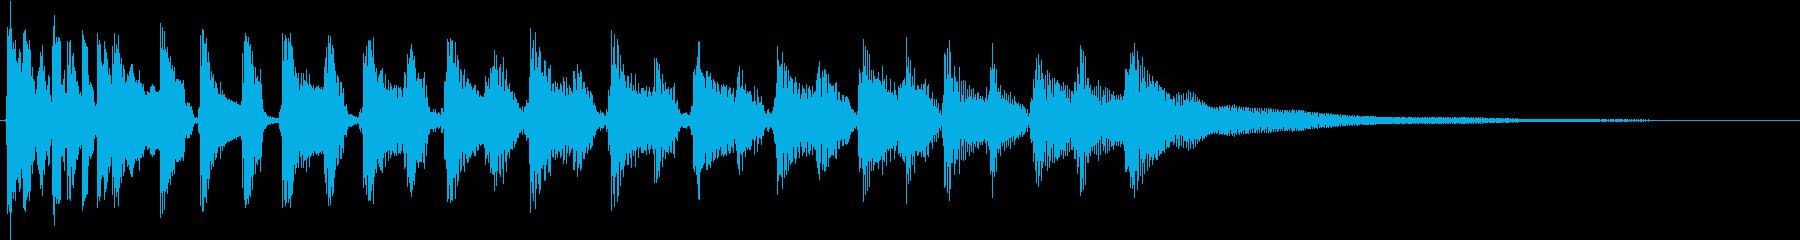 バンジョー:クイックストラミングア...の再生済みの波形